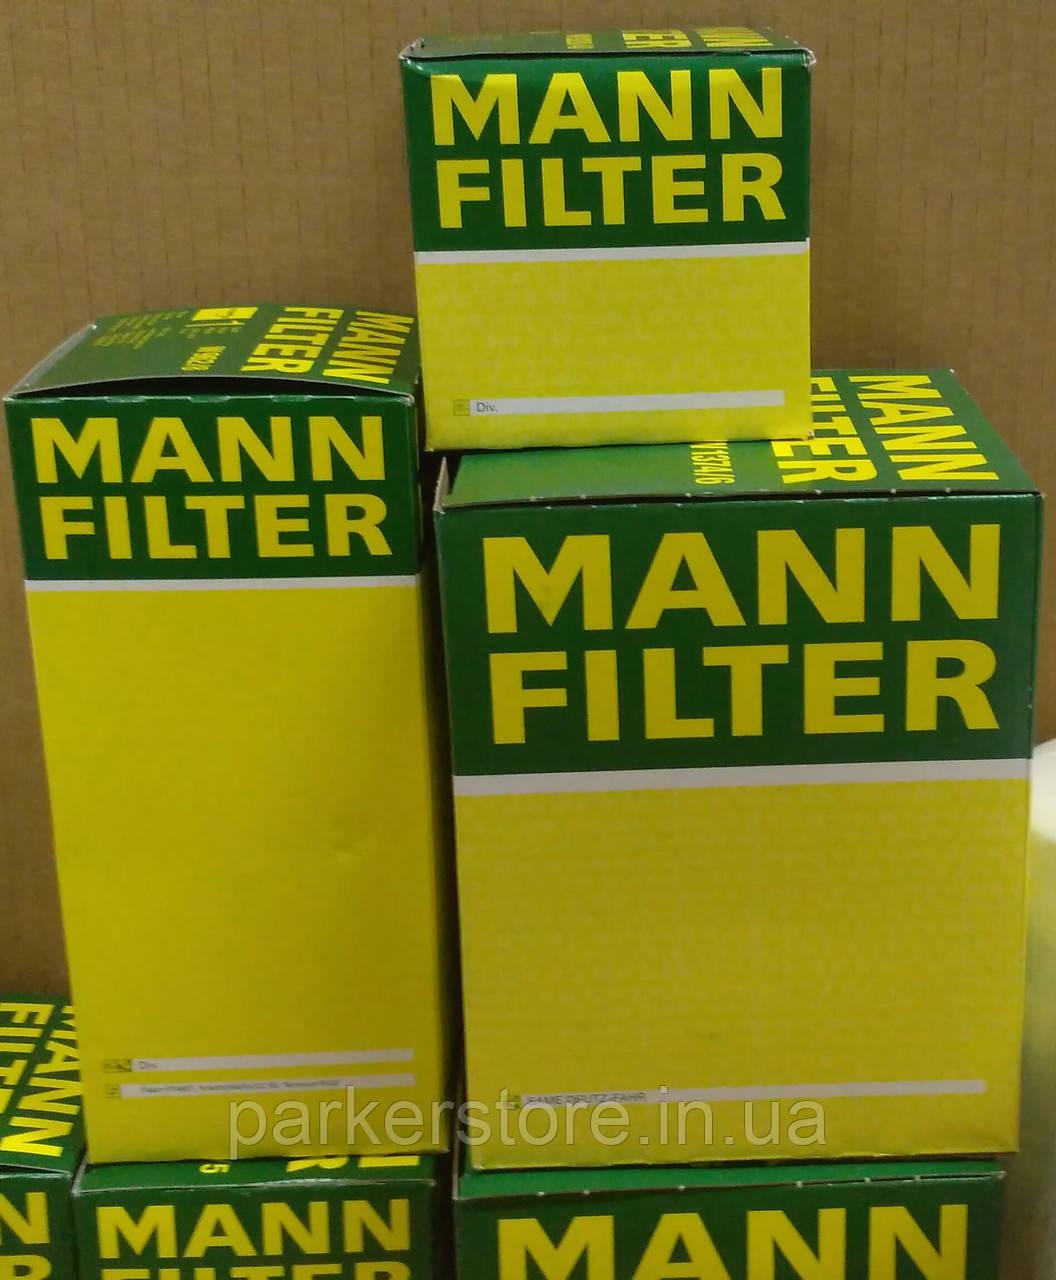 MANN FILTER / Повітряний фільтр / C 16 005 / C16005